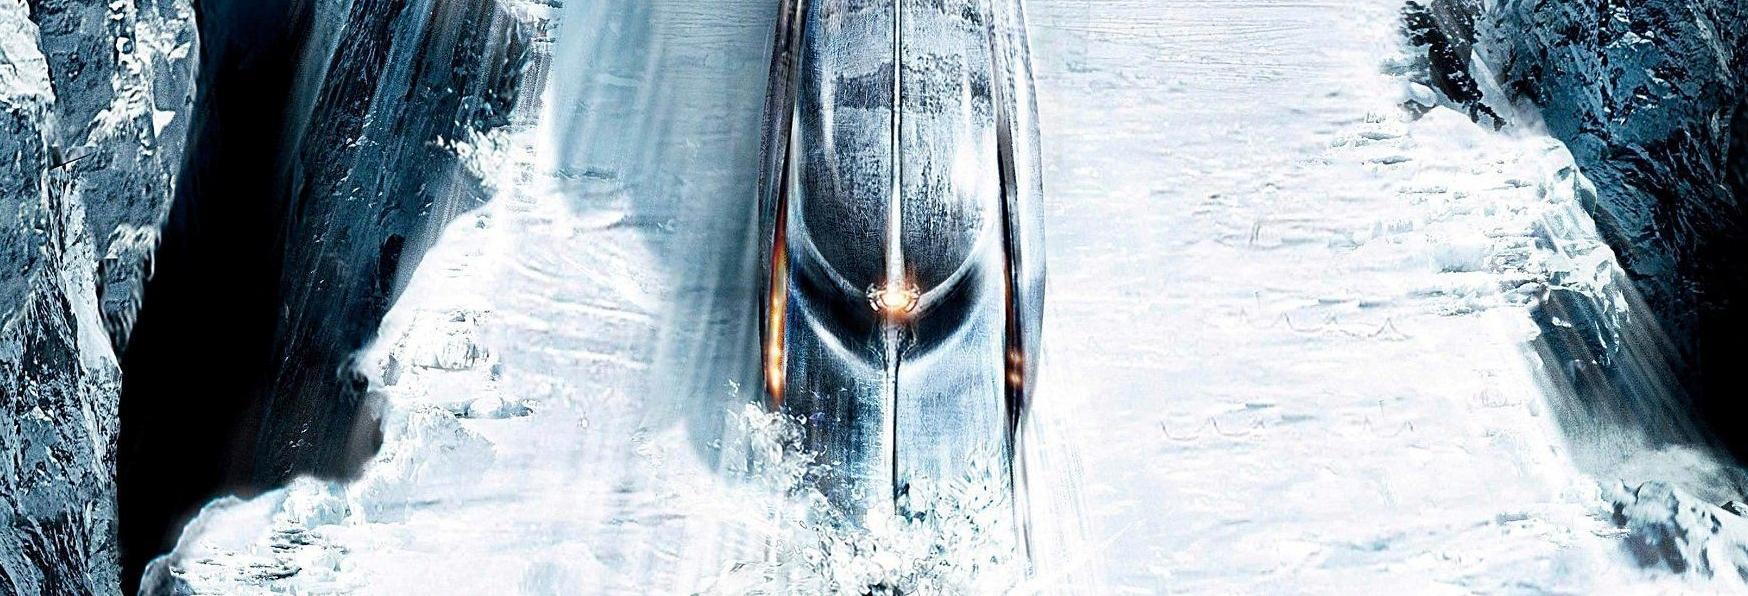 Snowpiercer: la Timeline Ufficiale ci mostra i Collegamenti tra le Serie TV e i Film